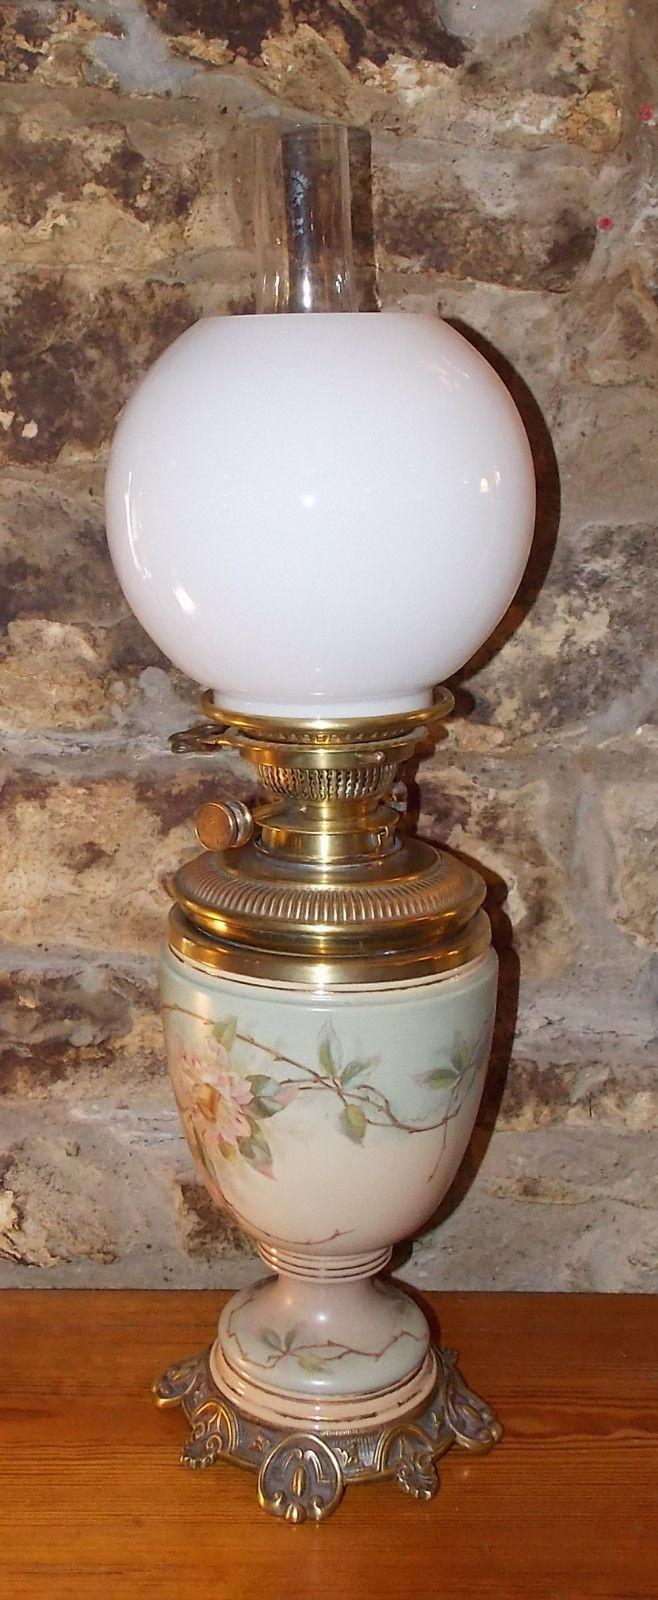 Espejos Muebles Antiguos Y Decoración Antigüedad Espejo De Mano Victoriano Busto Mujer Esmalte Negro Hojas Con Perlas